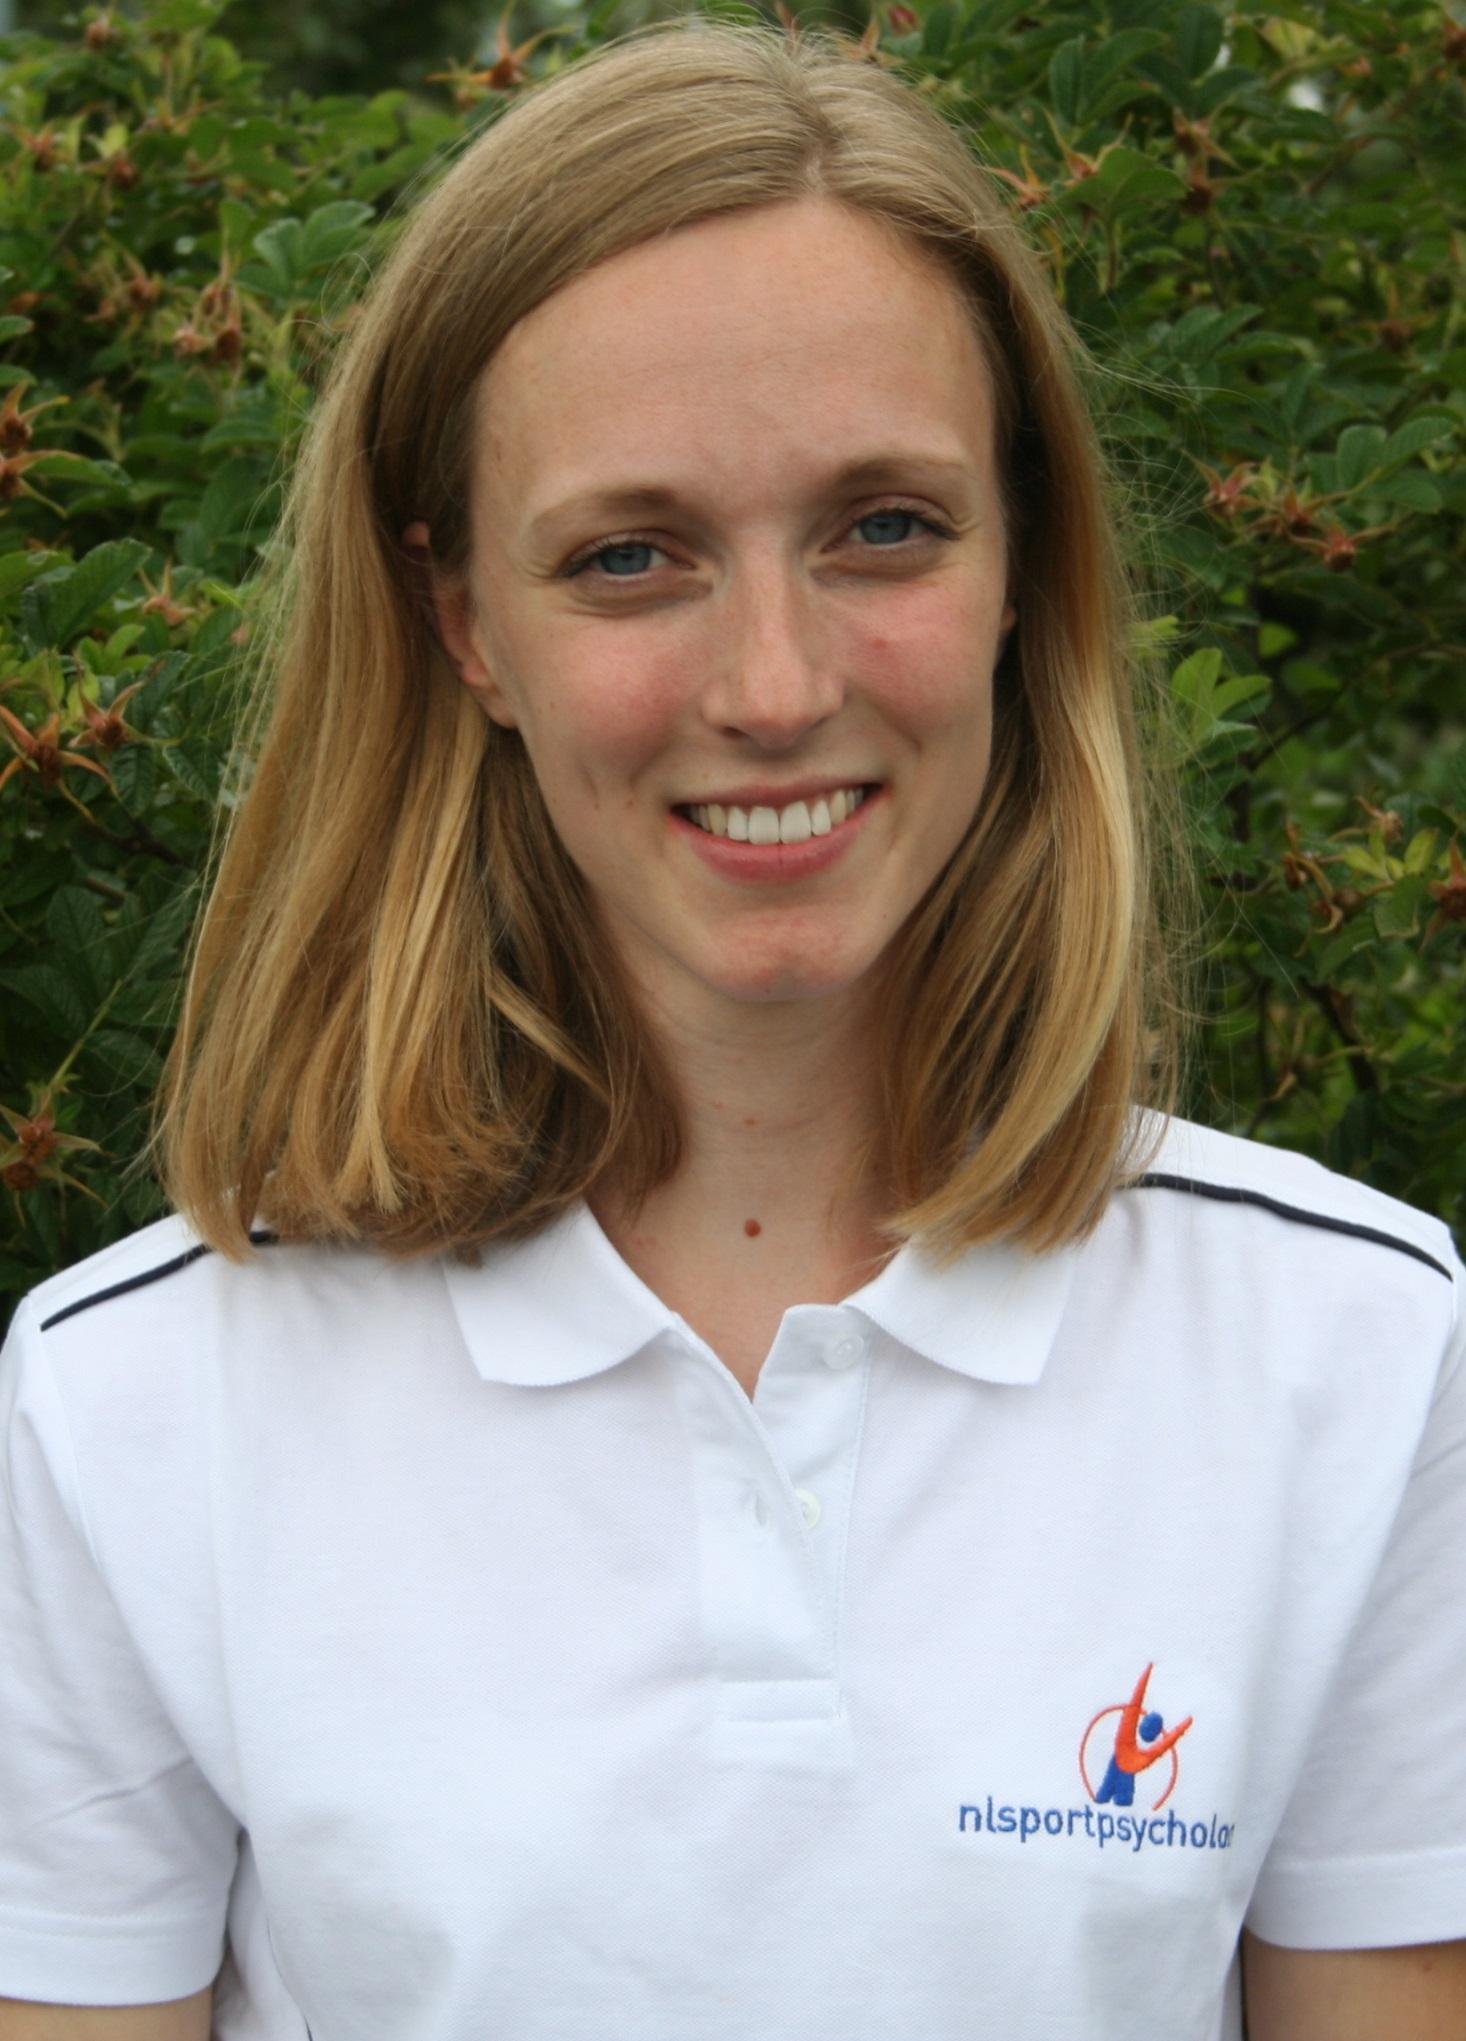 NL sportpsycholoog Lauri Staats - Noord Brabant